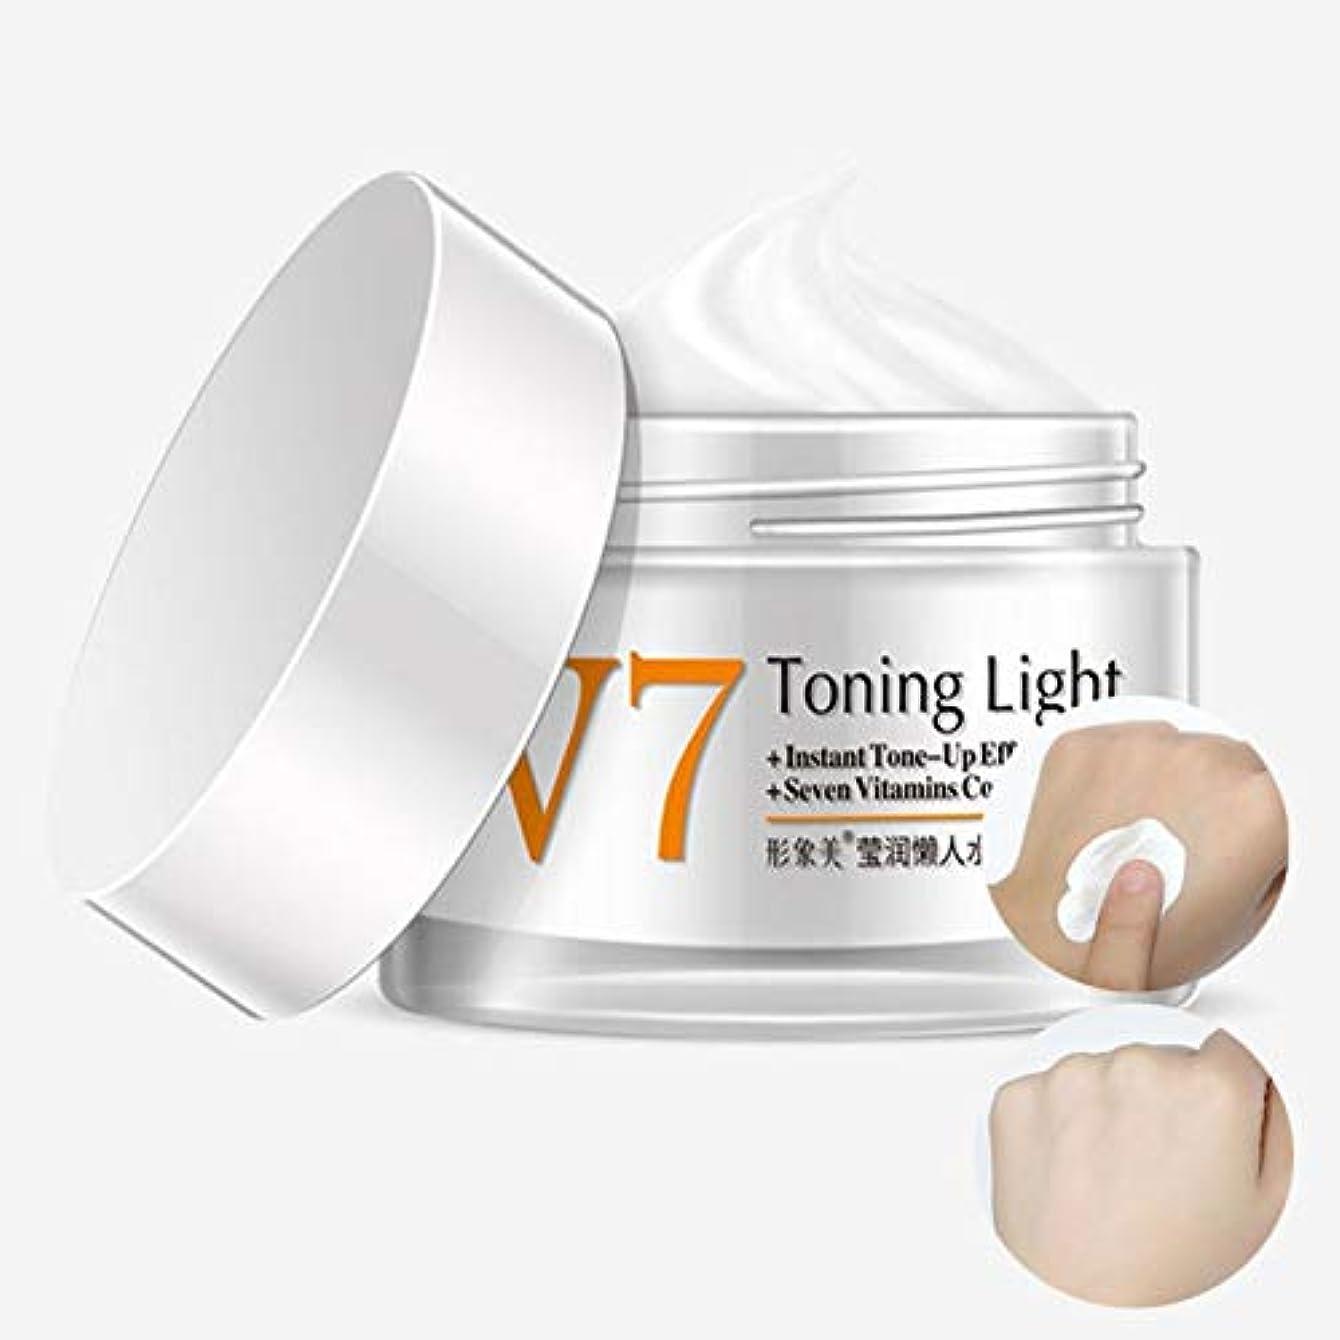 寧デイクリーム保湿洗顔Clsing保湿栄養フェイシャルケア2017コー化粧品50グラム